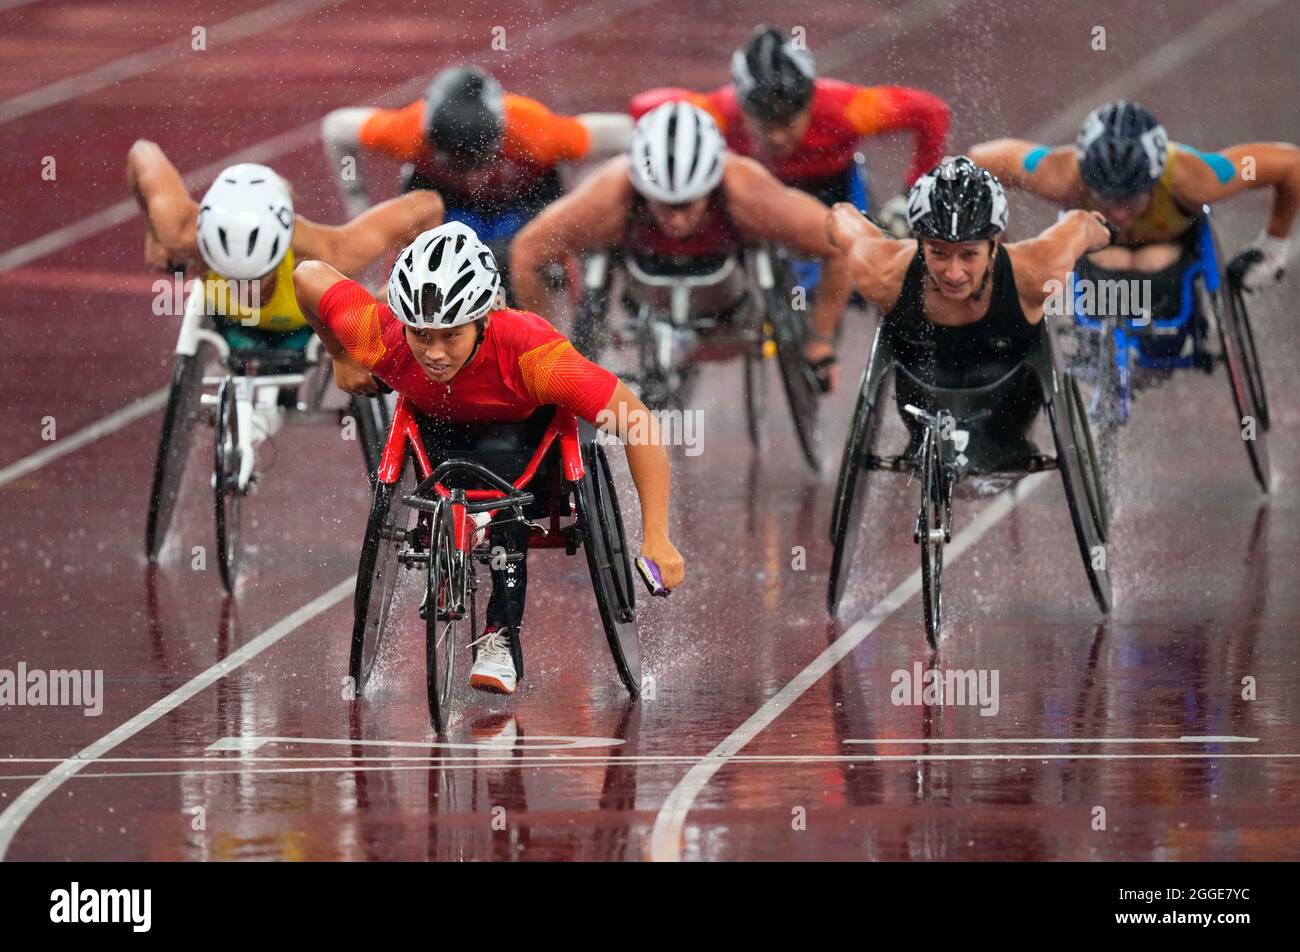 31. August 2021: Zhaoqian Zhou aus China gewann 1500 während der Leichtathletik bei den Olympischen Spielen in Tokio, Tokio, Japan. Kim Price/CSM Stockfoto